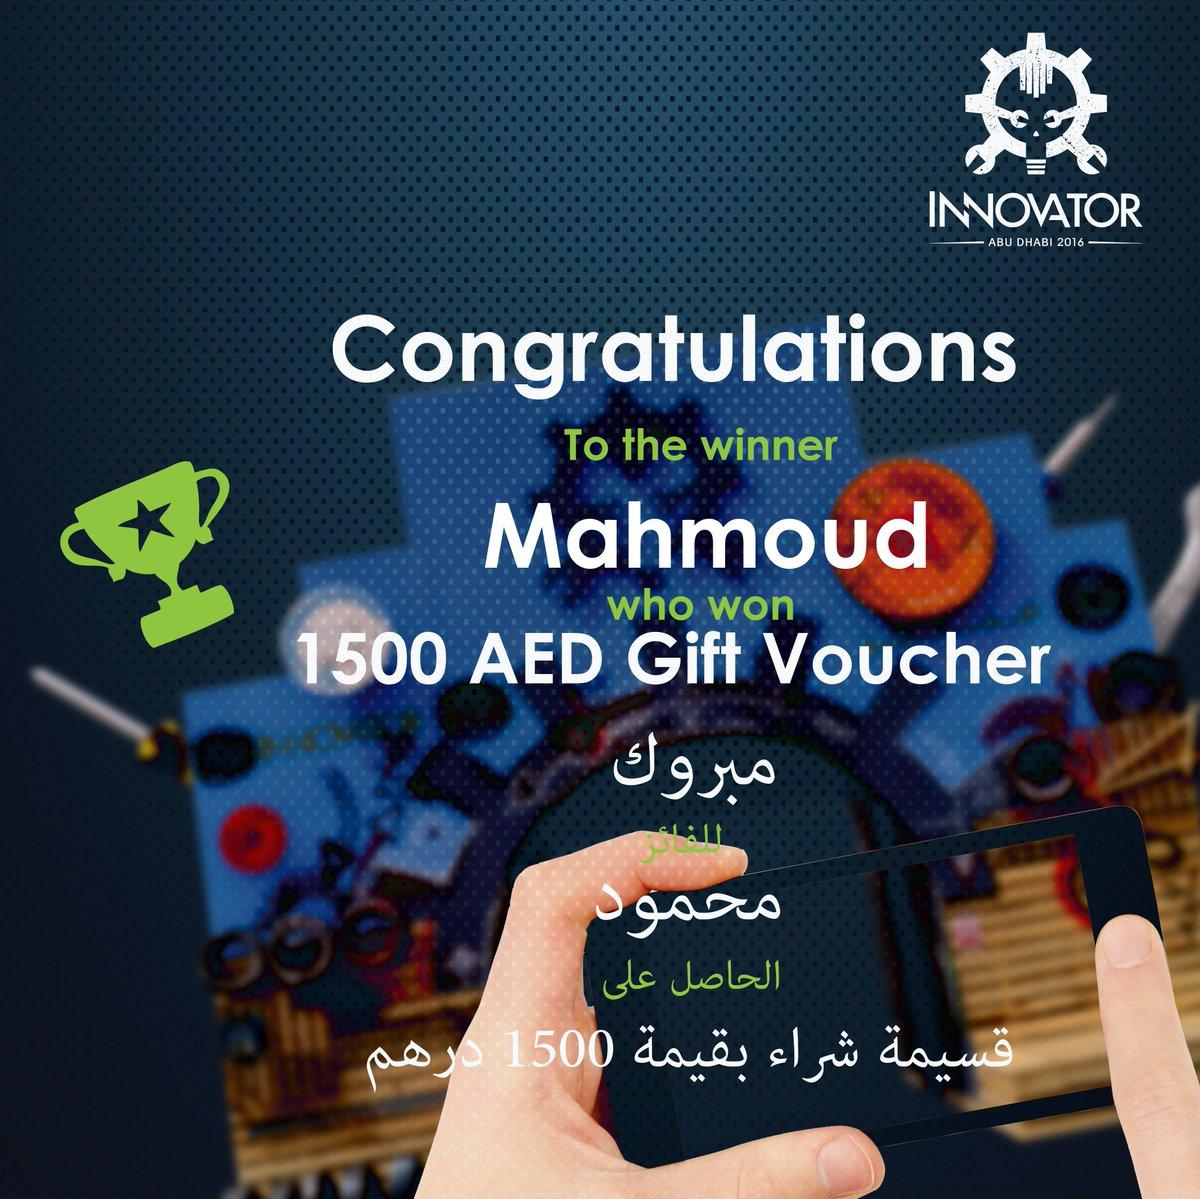 مبروك للفائز محمود والذي شارك معنا في مسابقة الهاشتاغ حيث حصل على قسيمة شراء بقيمة 1500 درهم! https://t.co/8vlIbUVZ5g